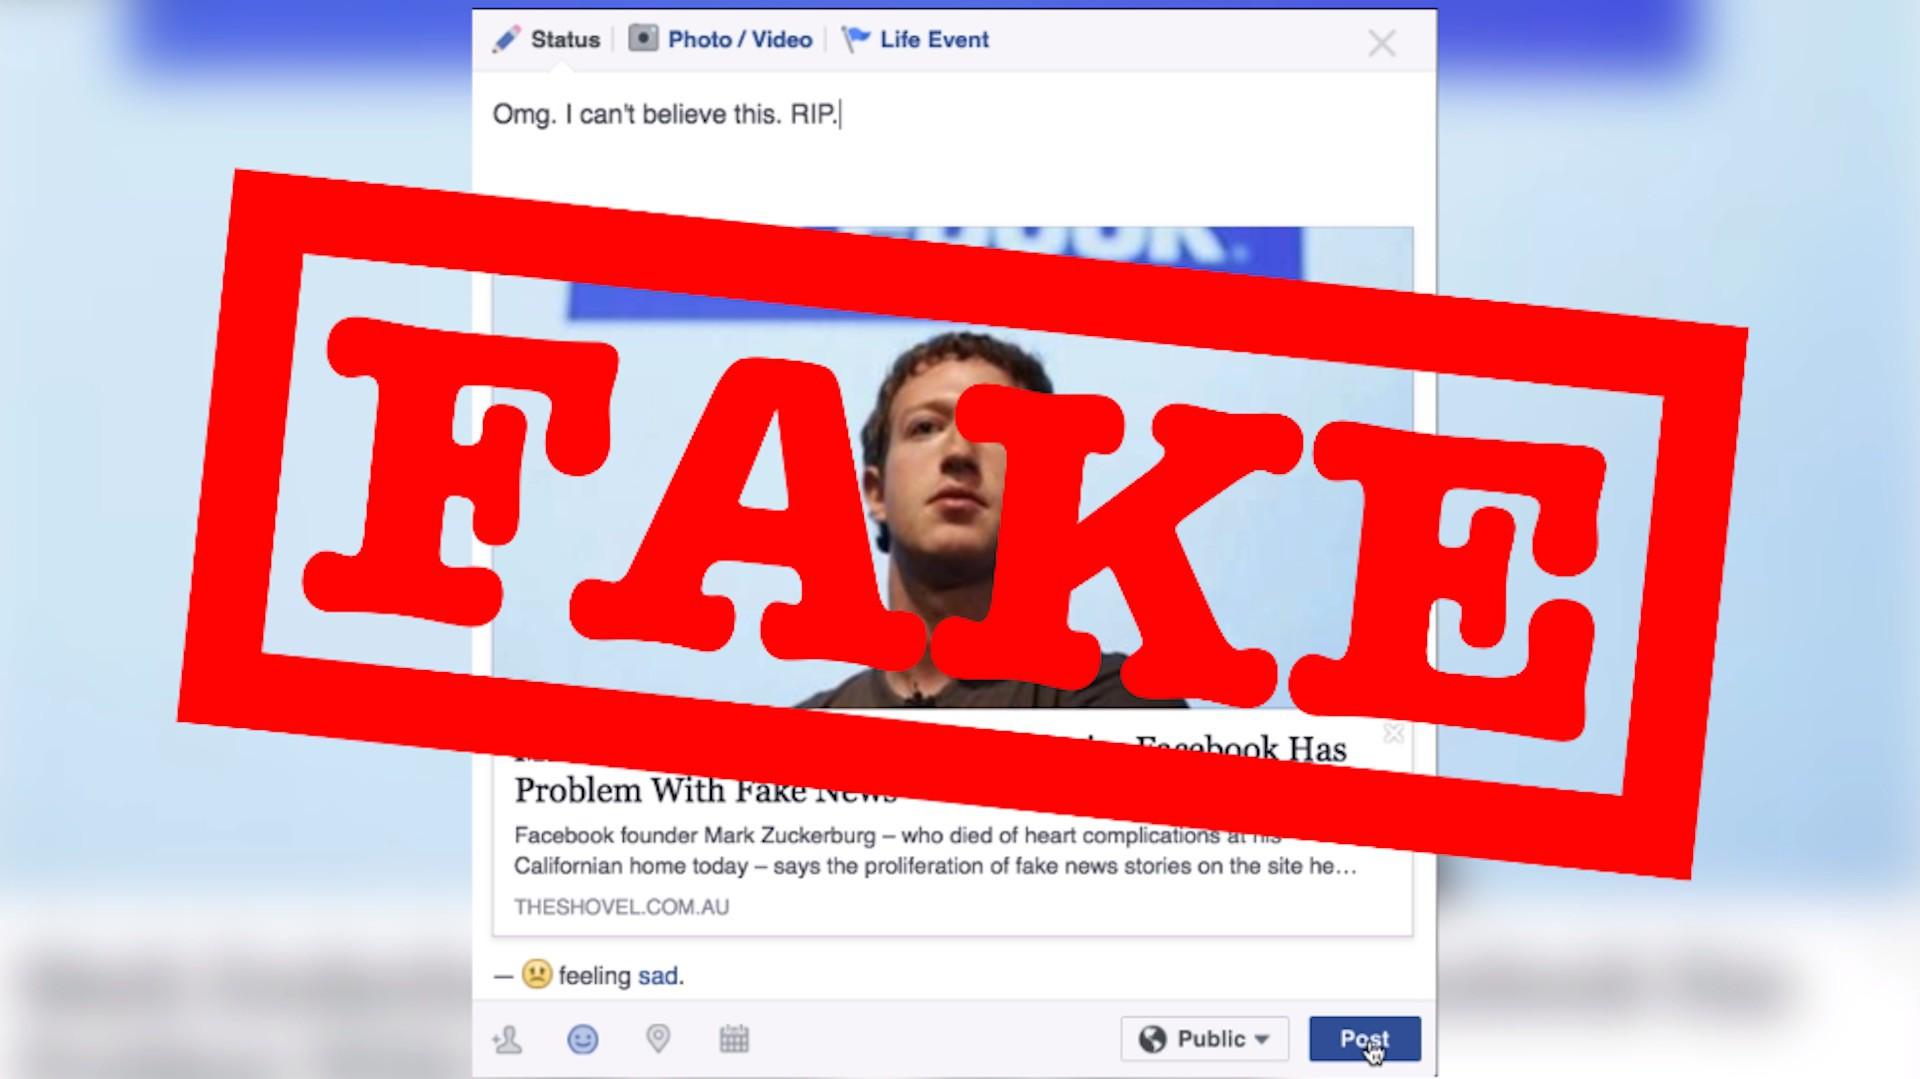 Khoa học chứng minh: Gừng càng già càng cay, người càng già càng share nhiều tin fake trên Facebook - Ảnh 1.